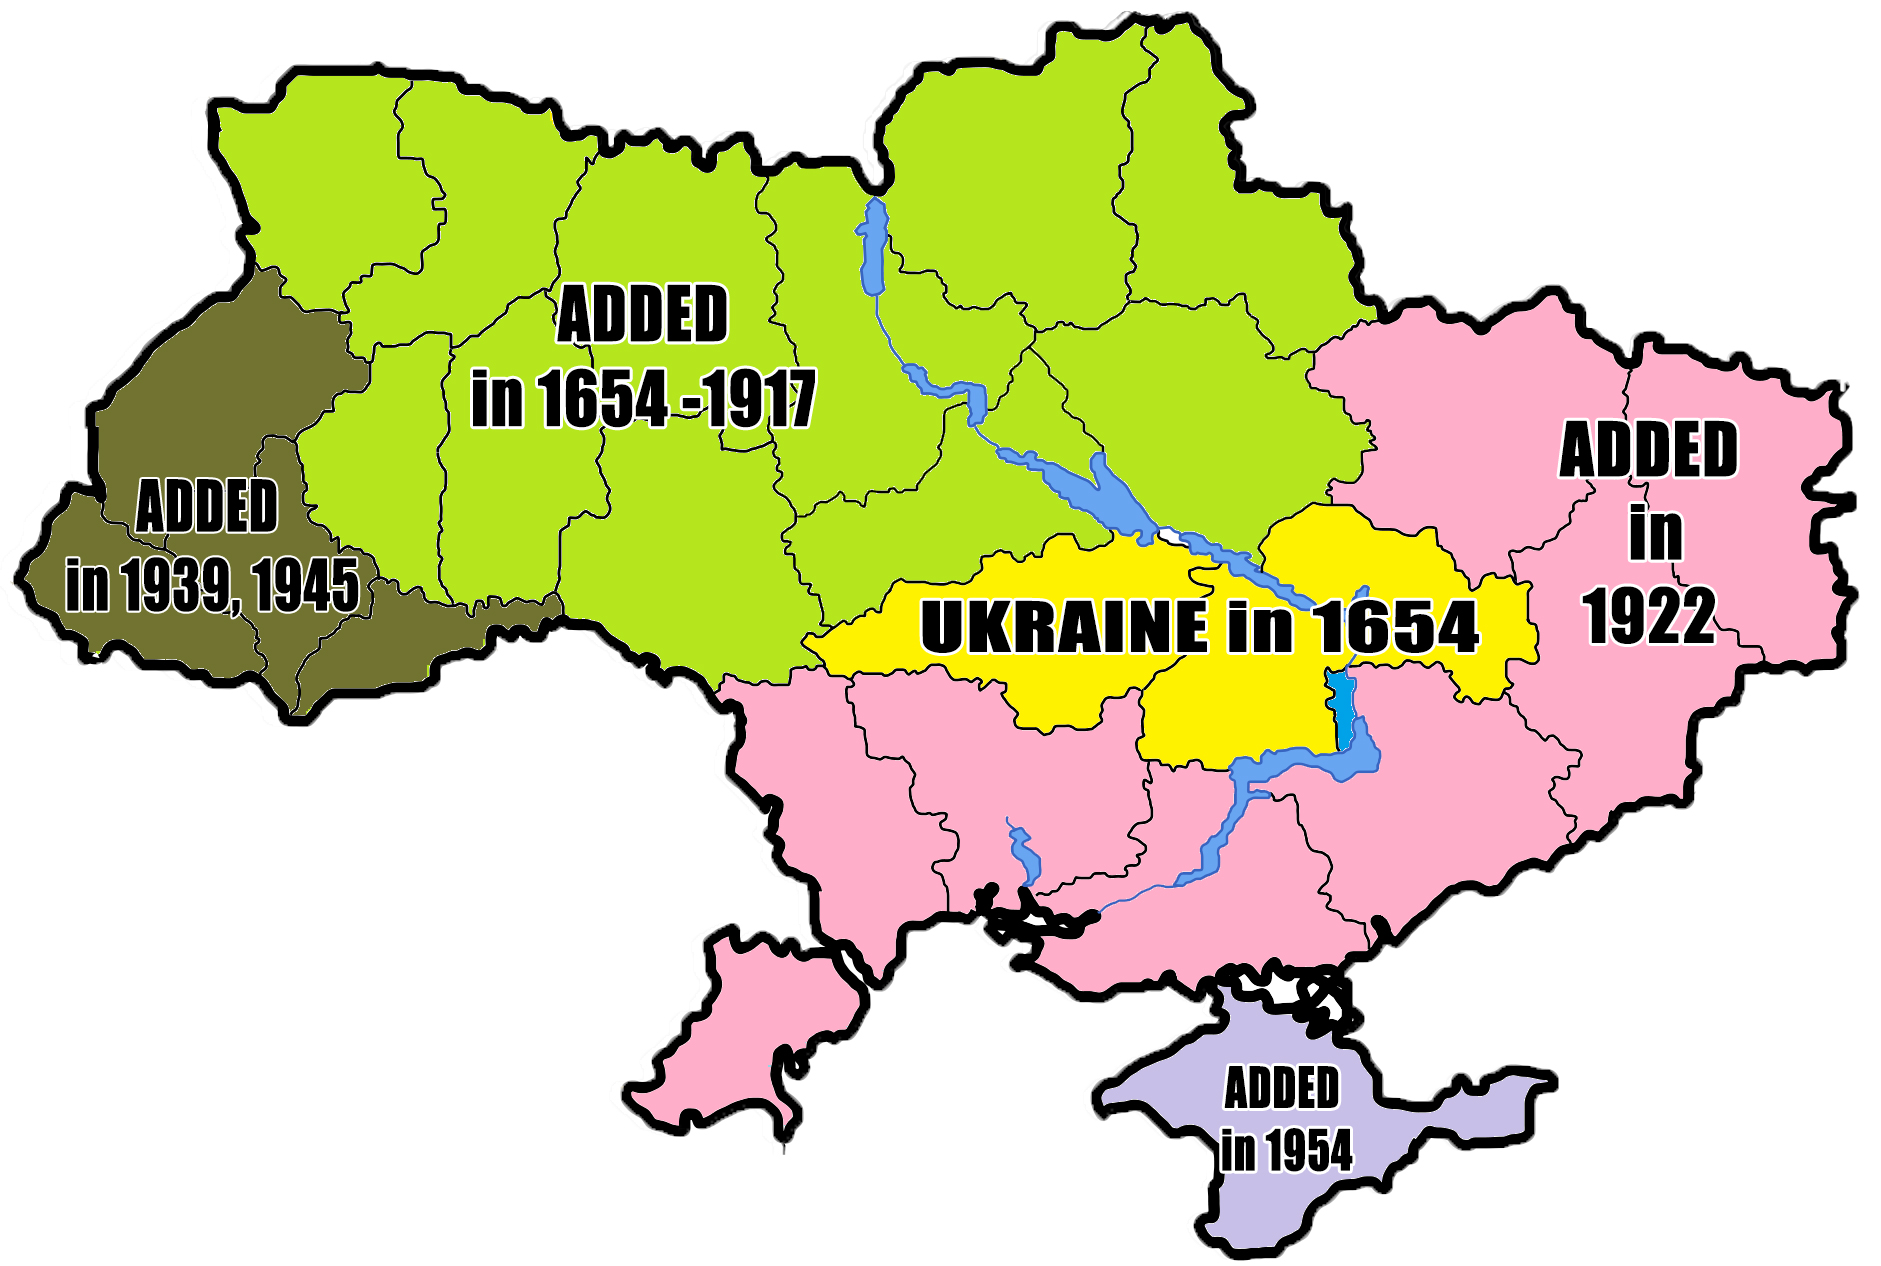 украина в границах 1922 года дистанционного оформления путевки